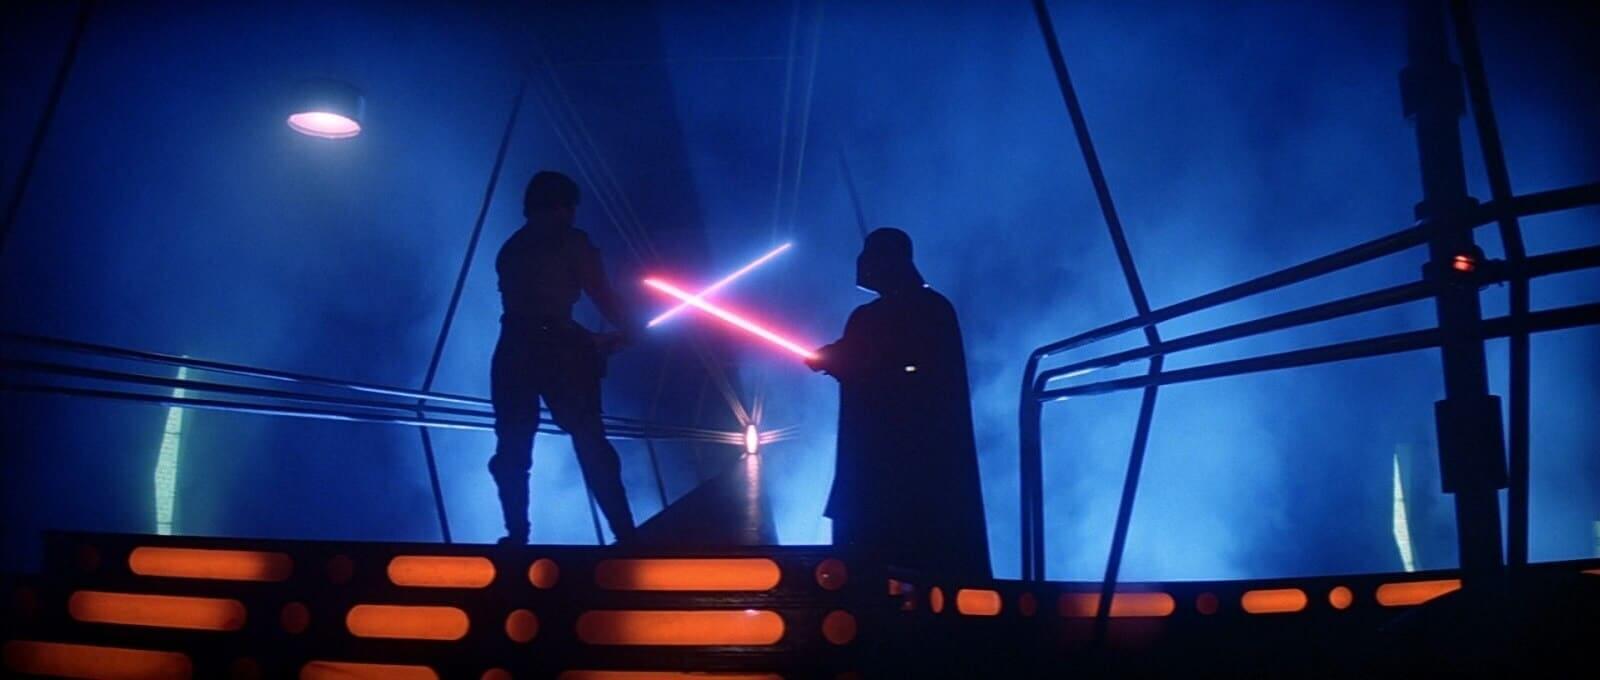 Mise En Scene Props - Star Wars